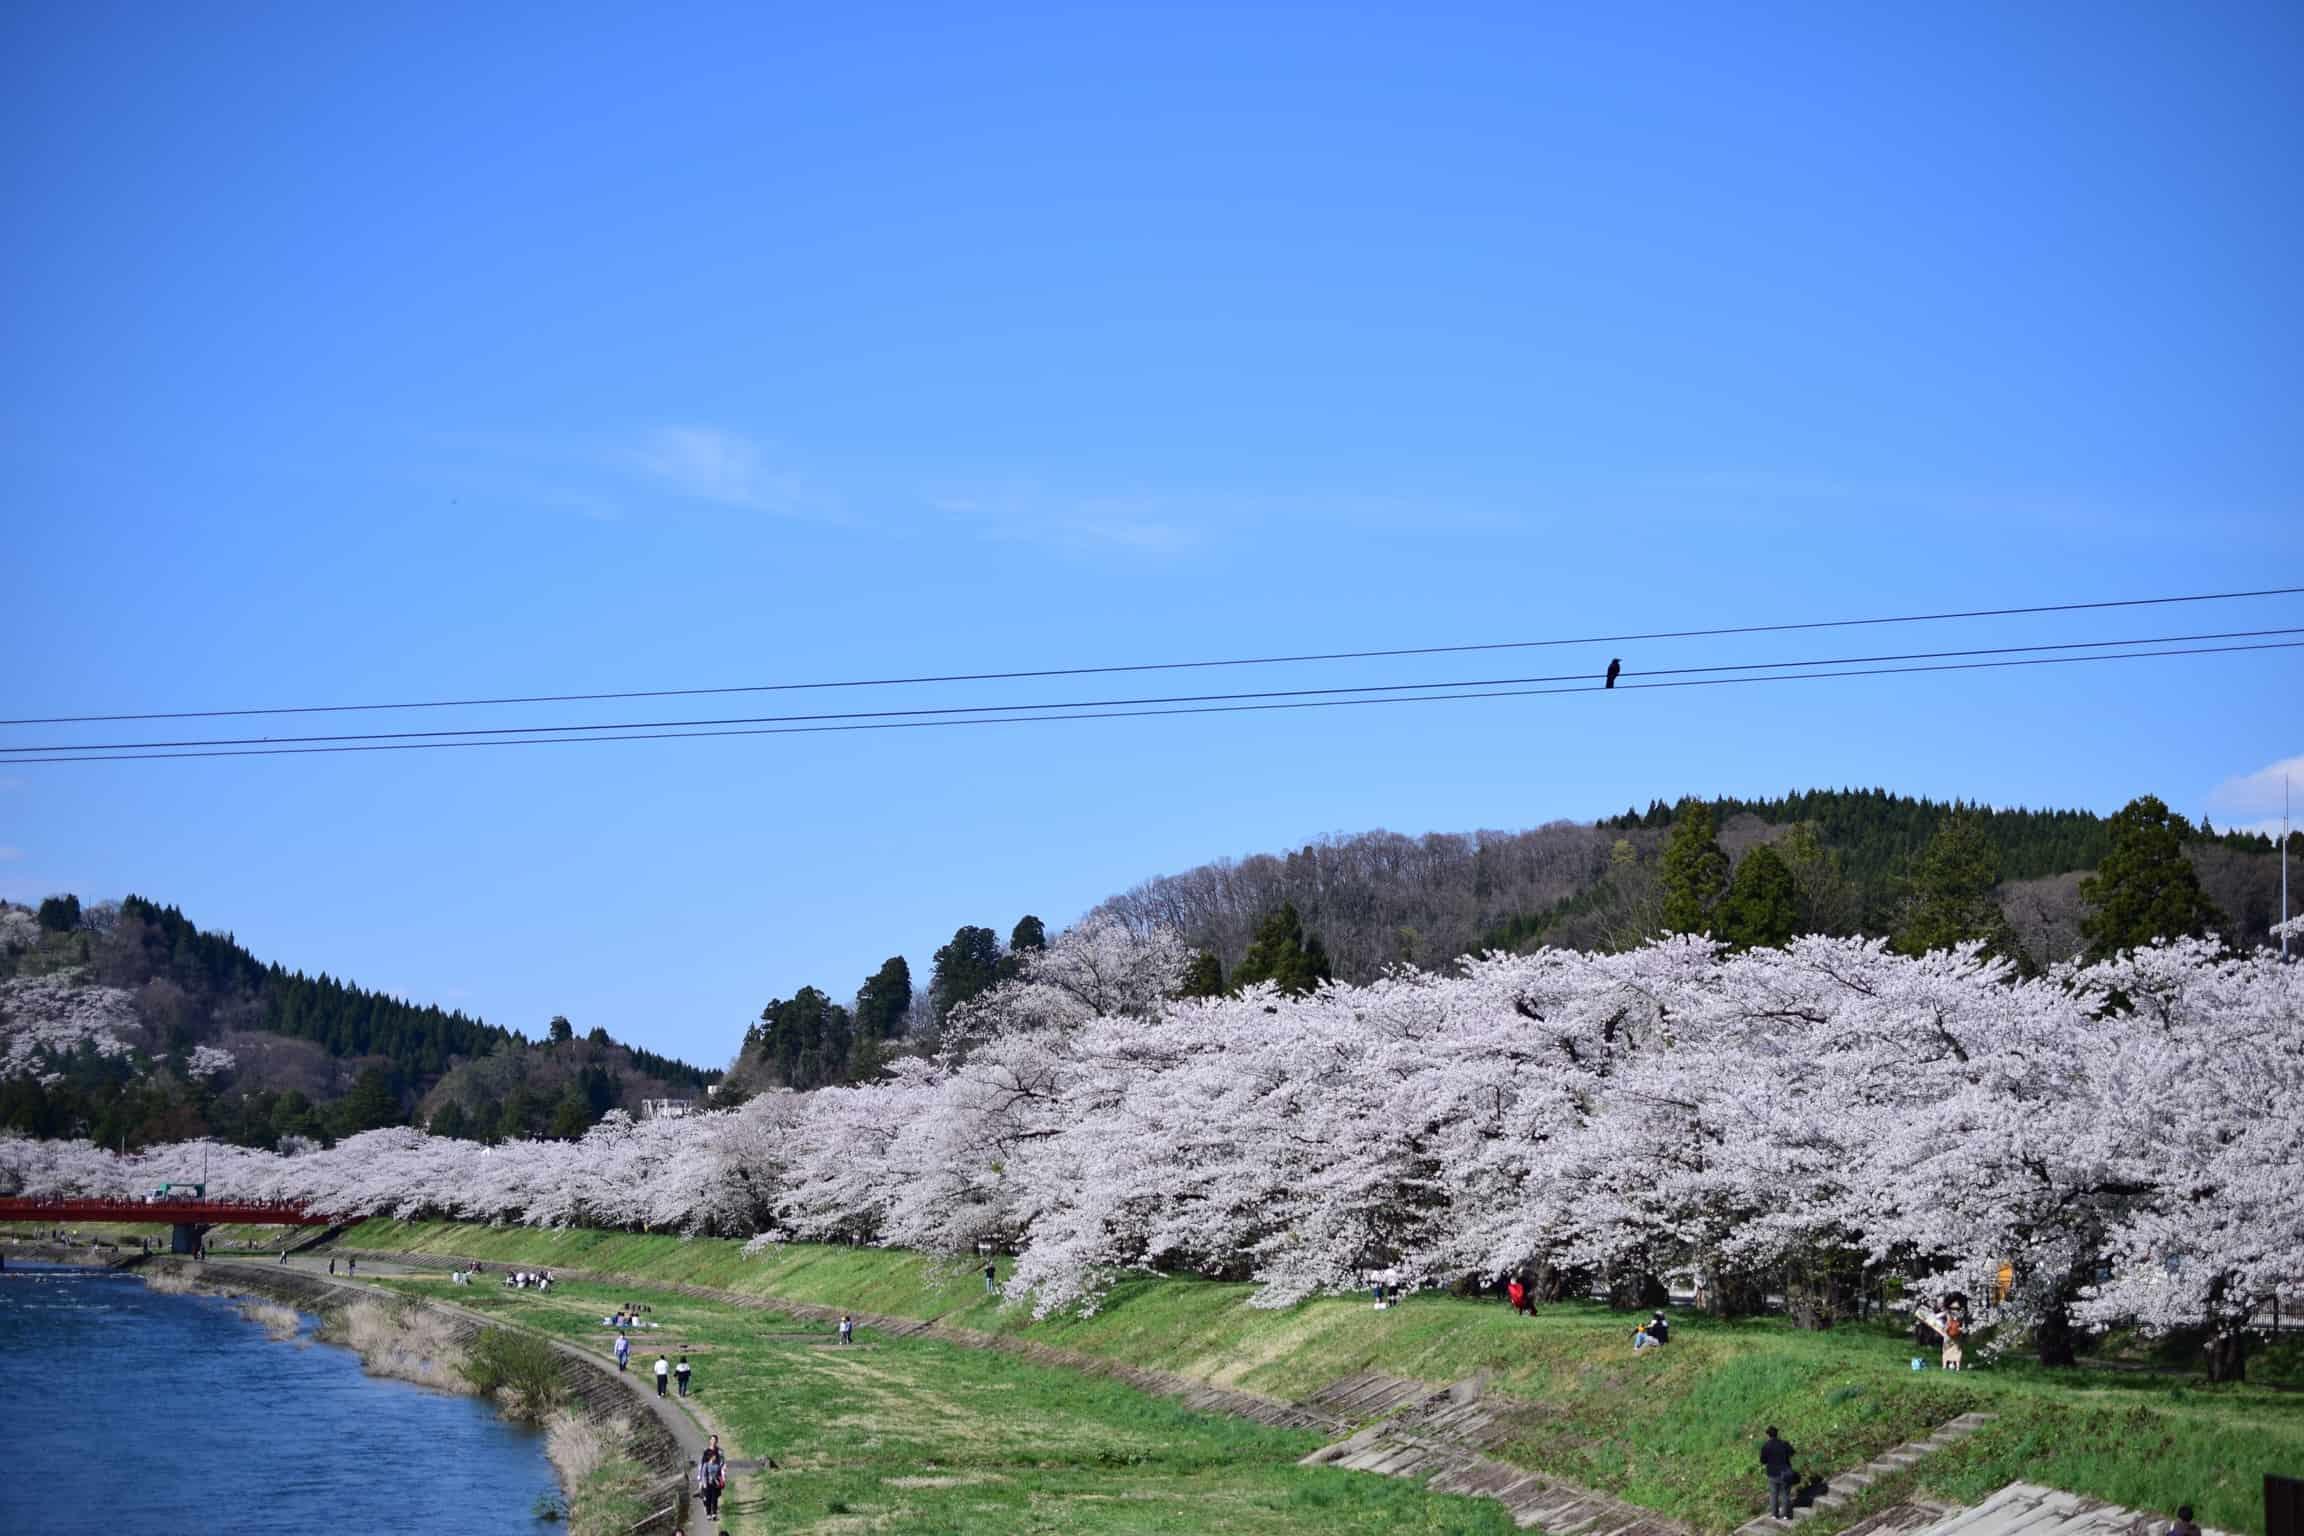 ซากุระ โทโฮคุ - แม่น้ำฮิโนกิไน (Hinokinai River)